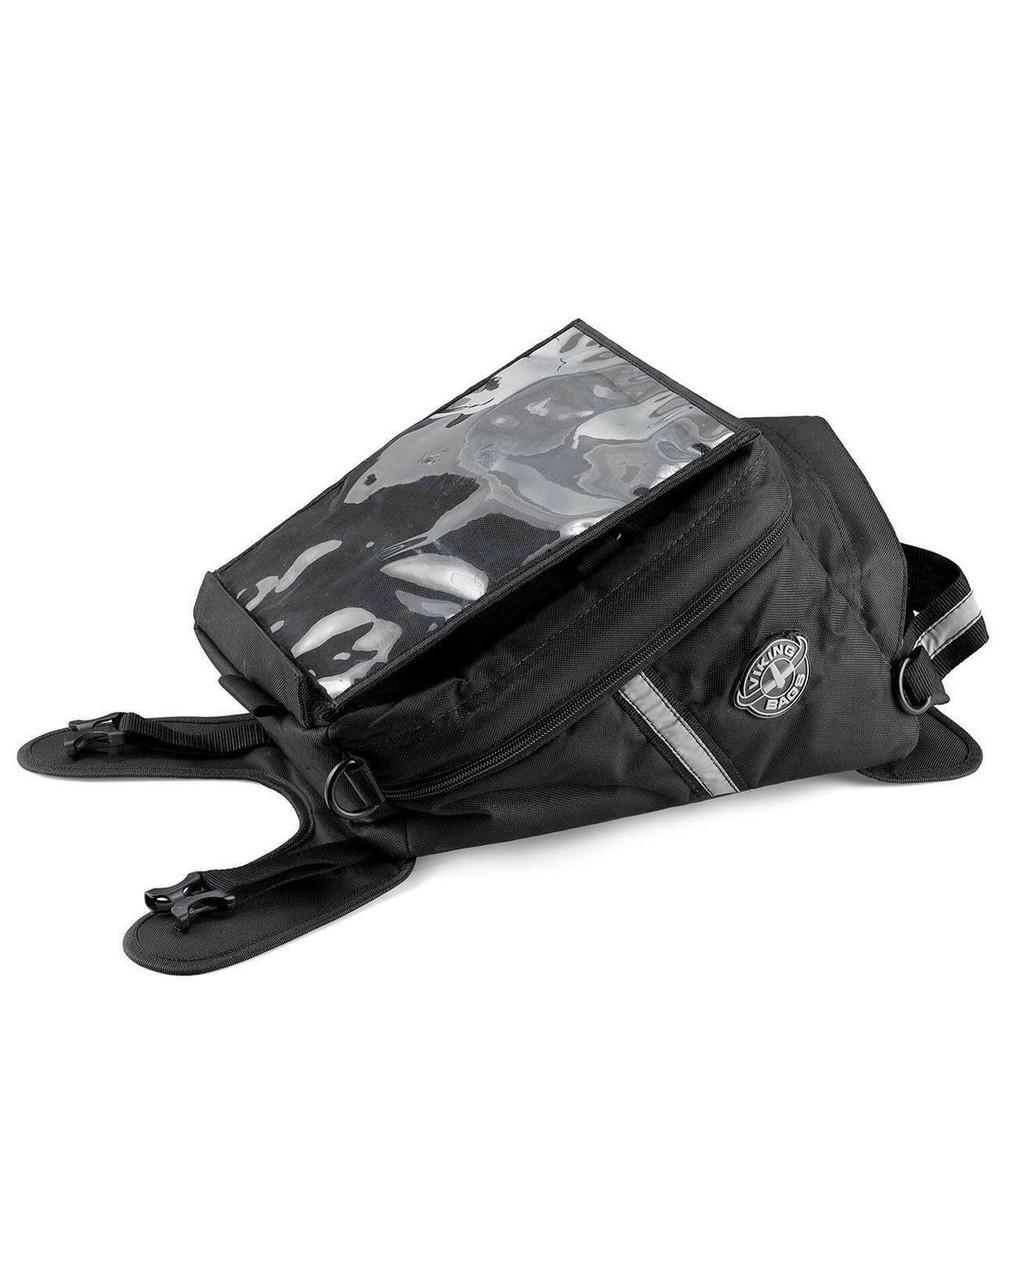 Viking Dirtman Small Black Dirt Bike/Enduro Tank Bag Main View